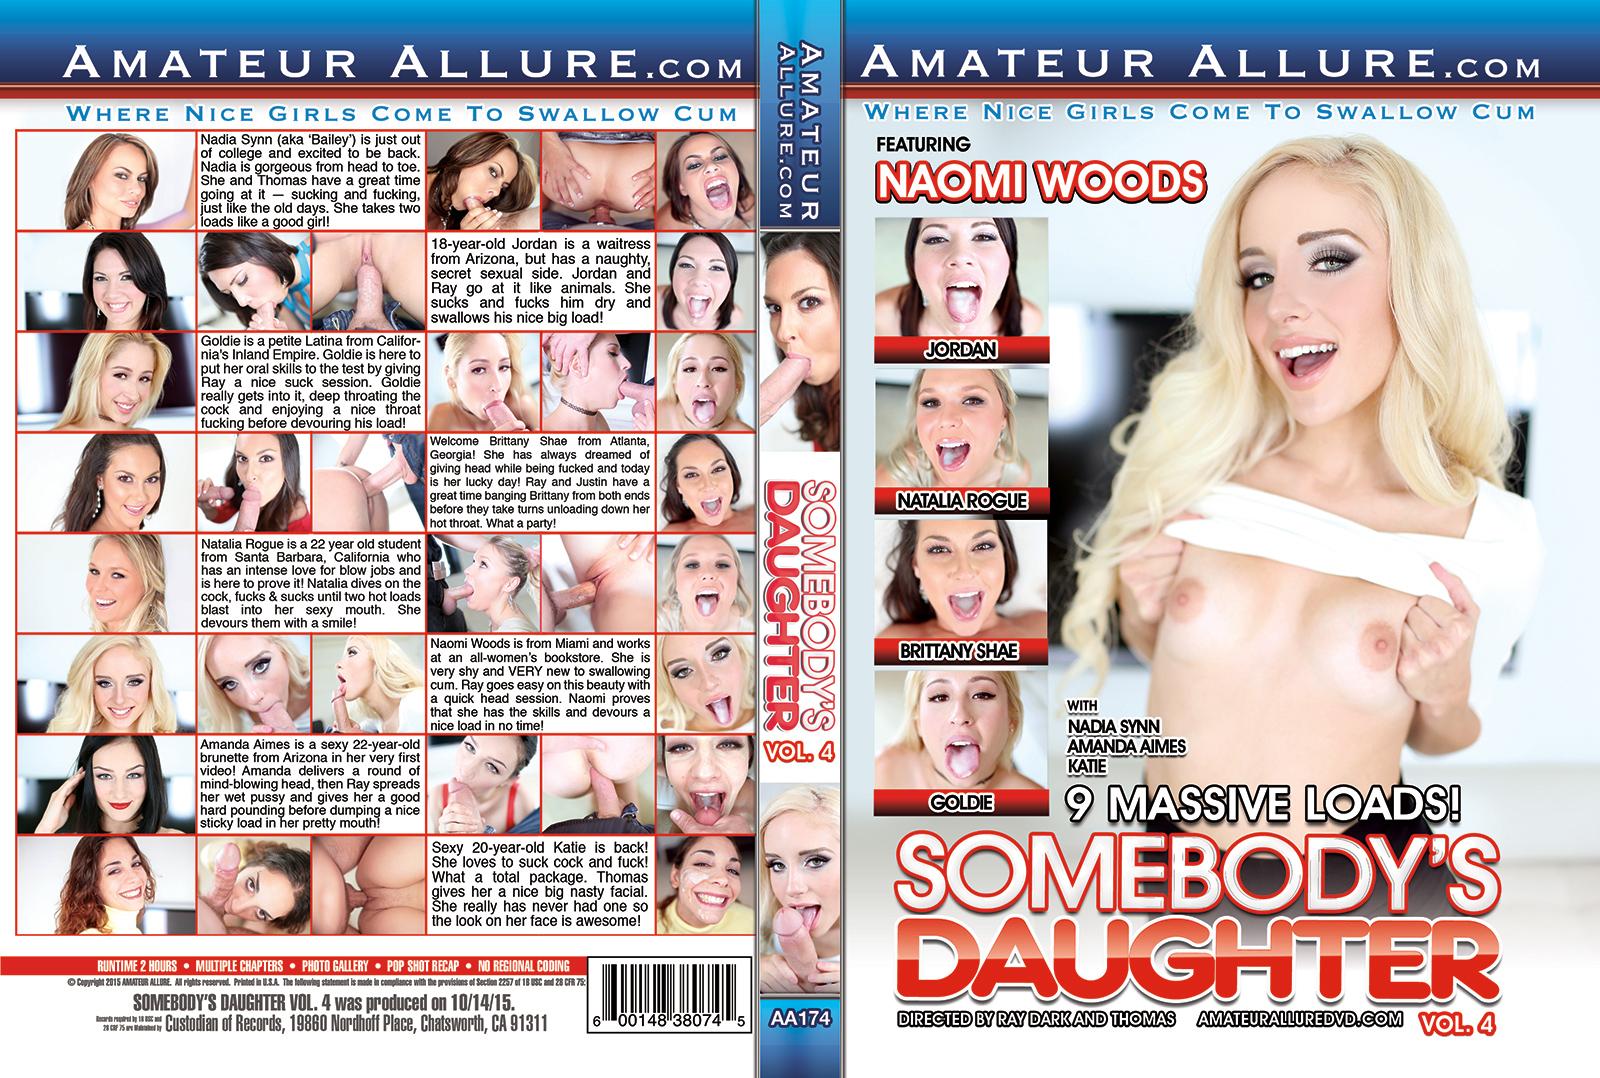 somebodys_daughter_4-dvd-large.jpg